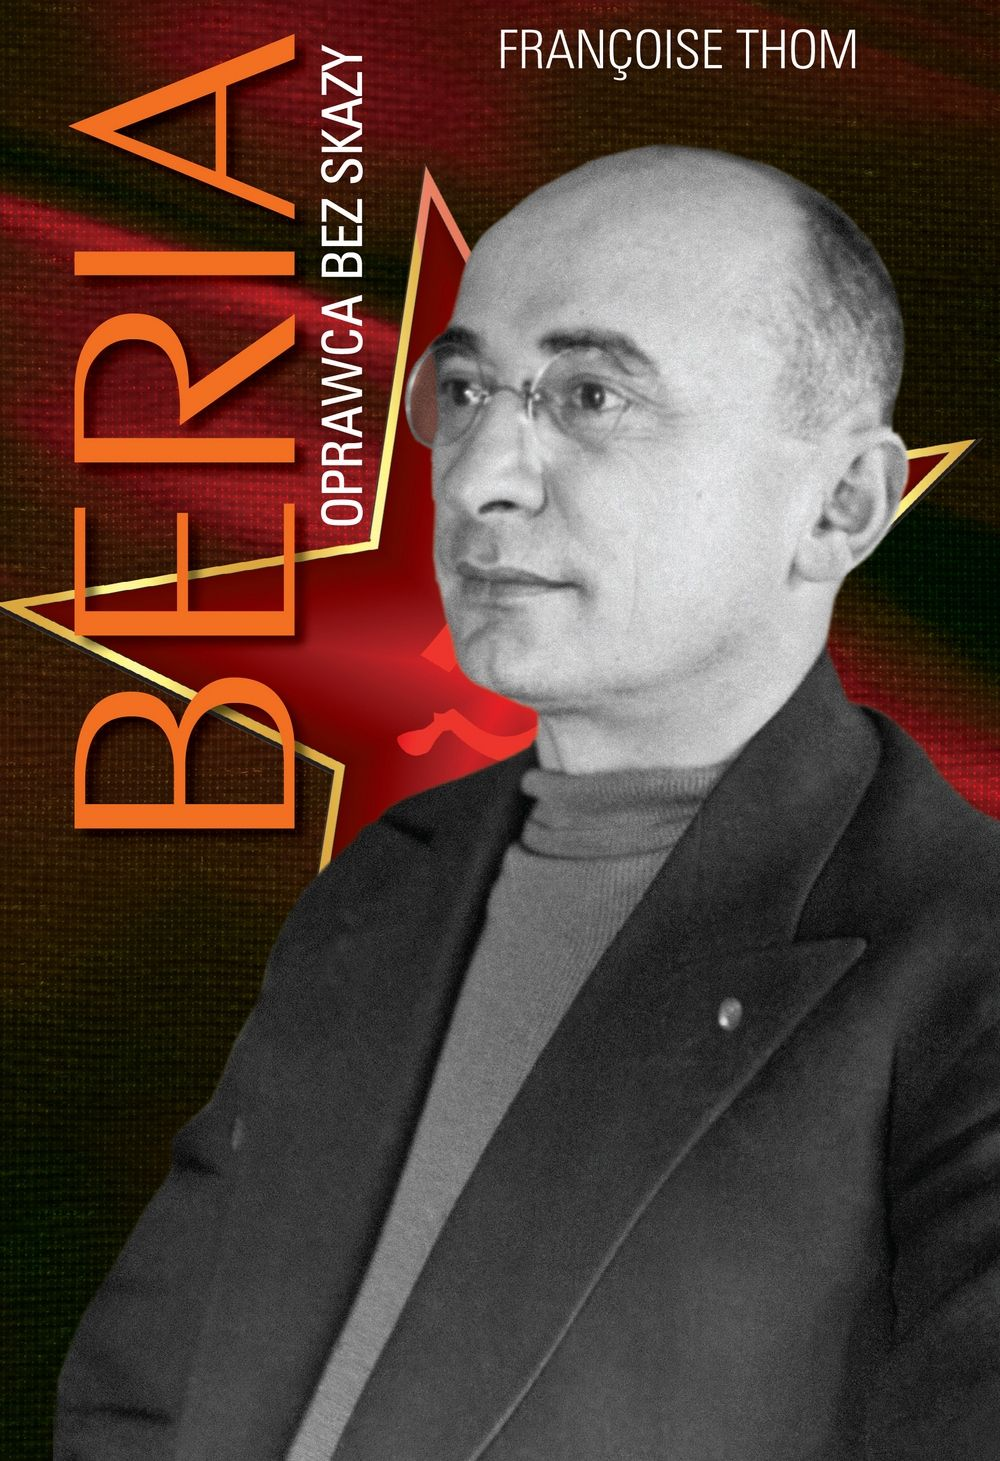 """Kup teraz książkę Francoise'a Thoma pod tytułem Beria. Oprawca bez skazy"""" na stronie Wydawcy."""